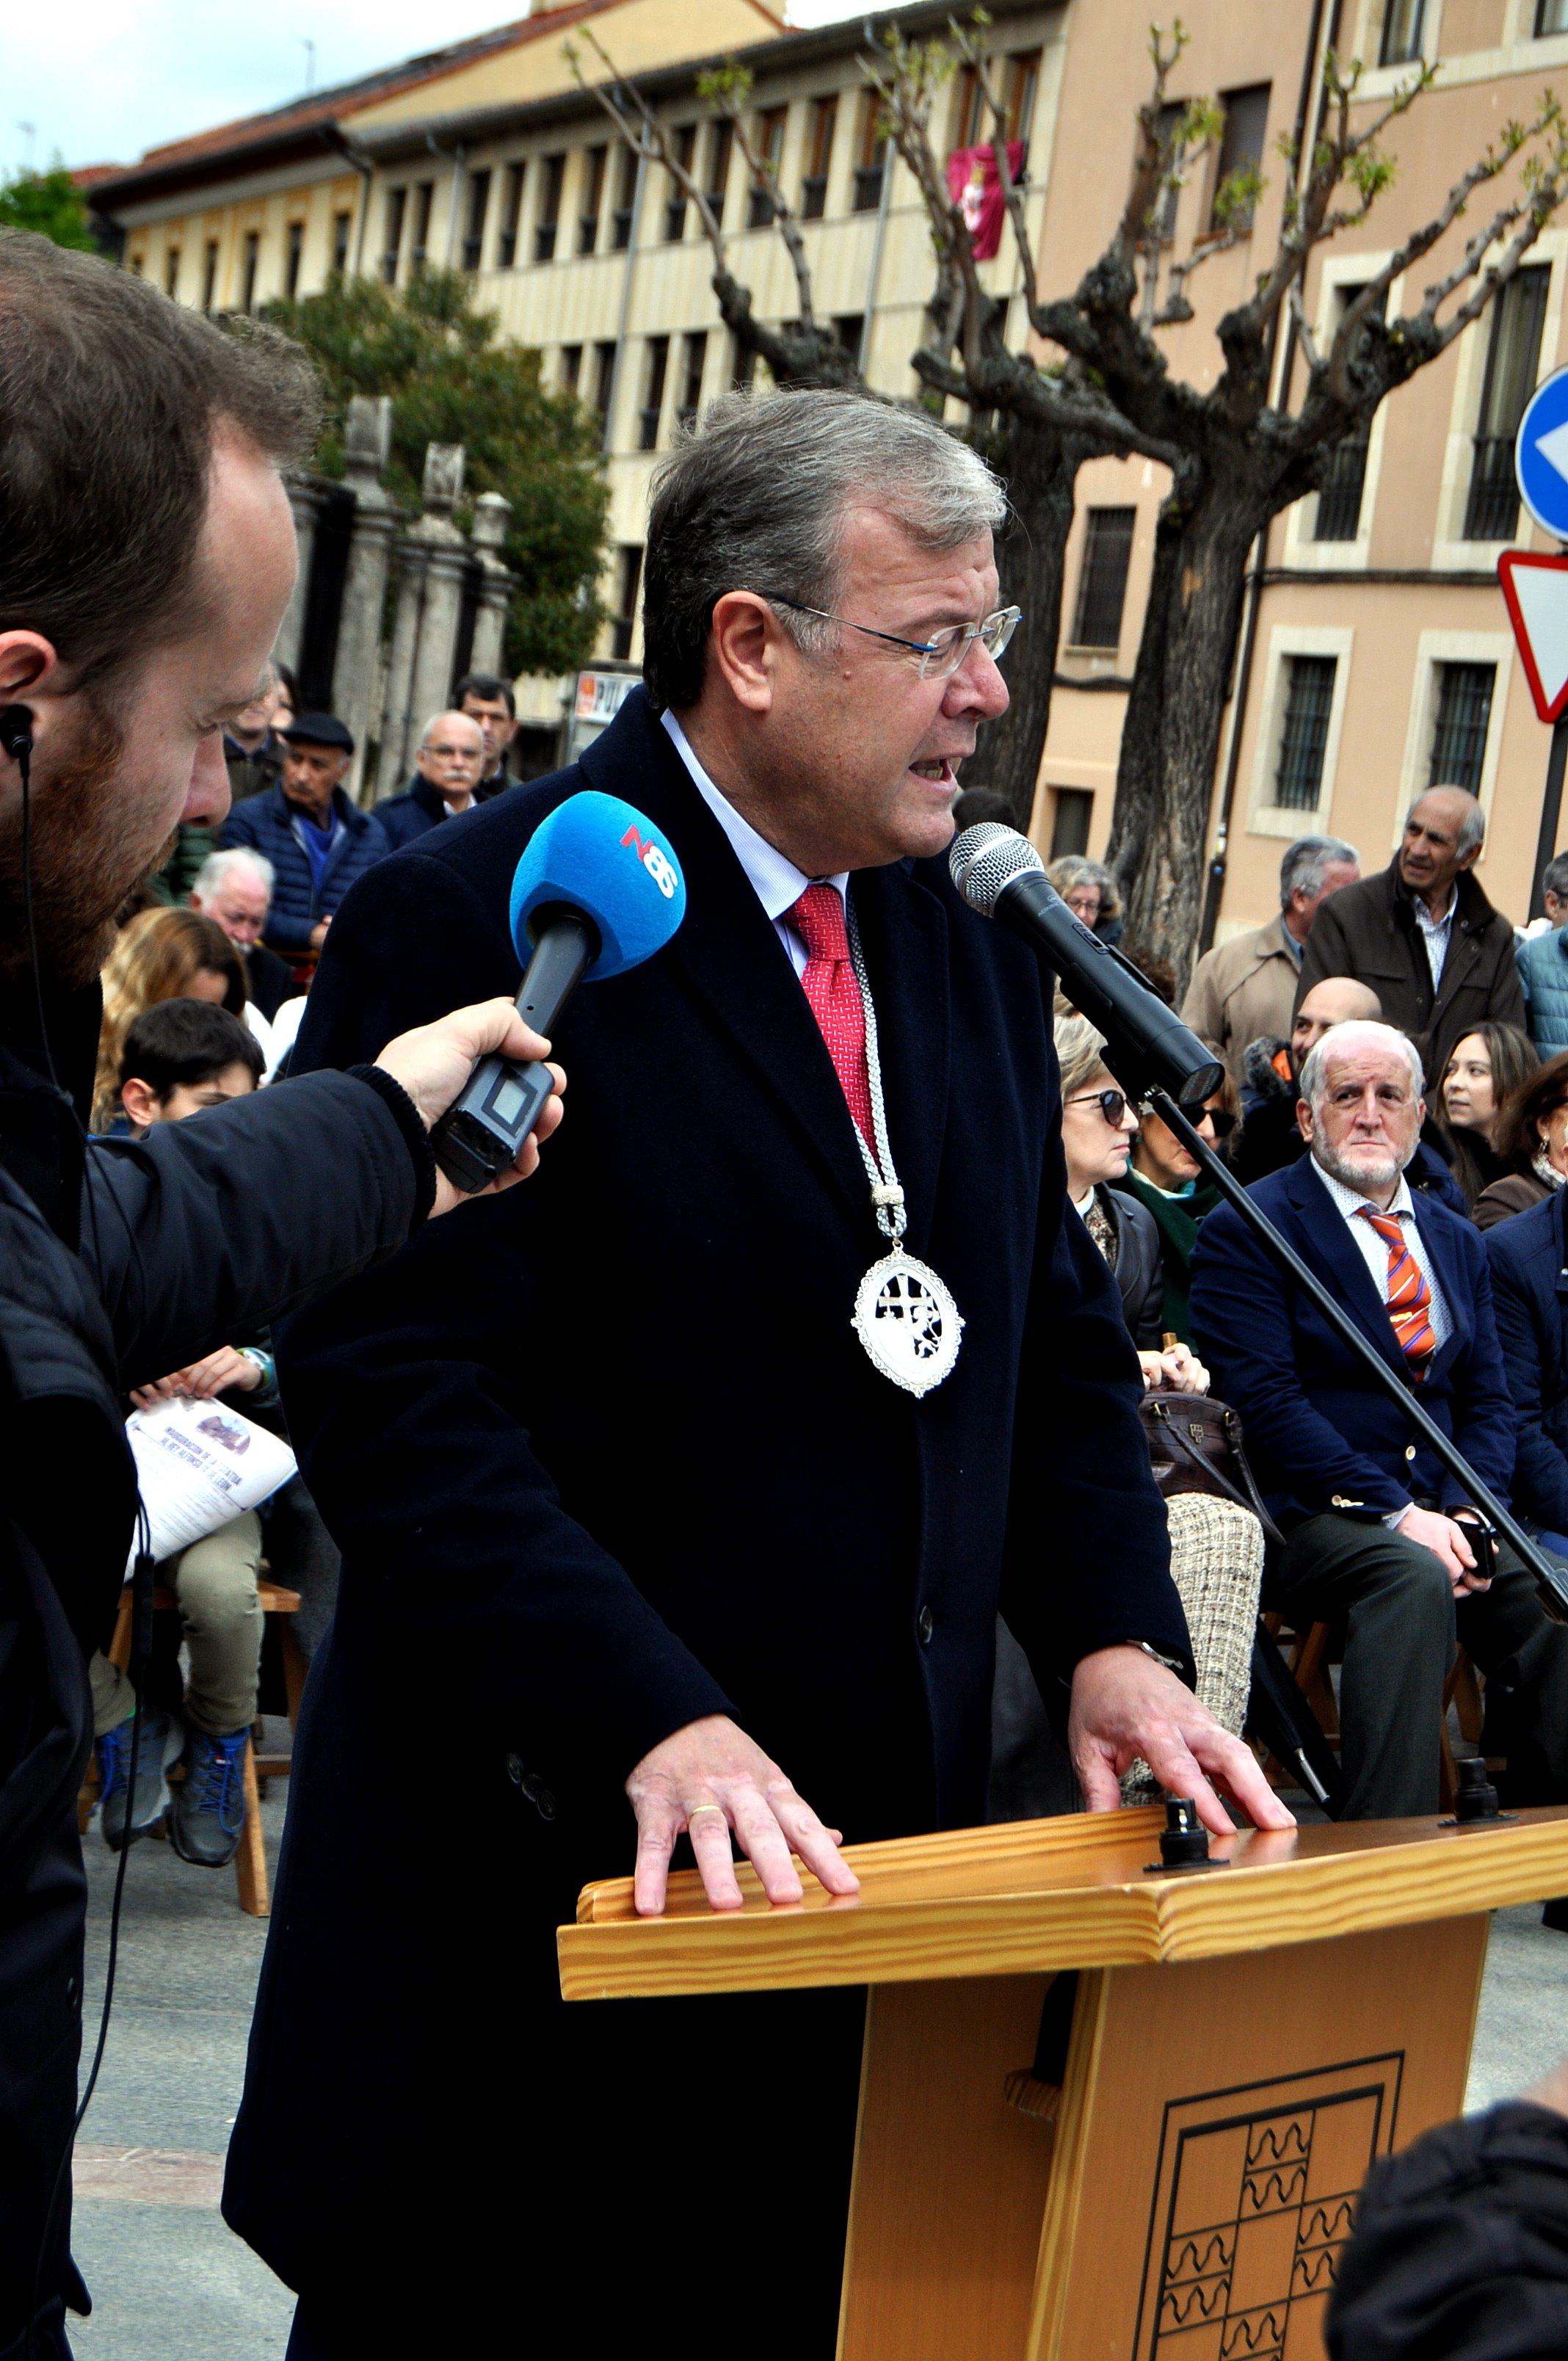 El alcalde de León, Antonio Silván, cerró el acto.